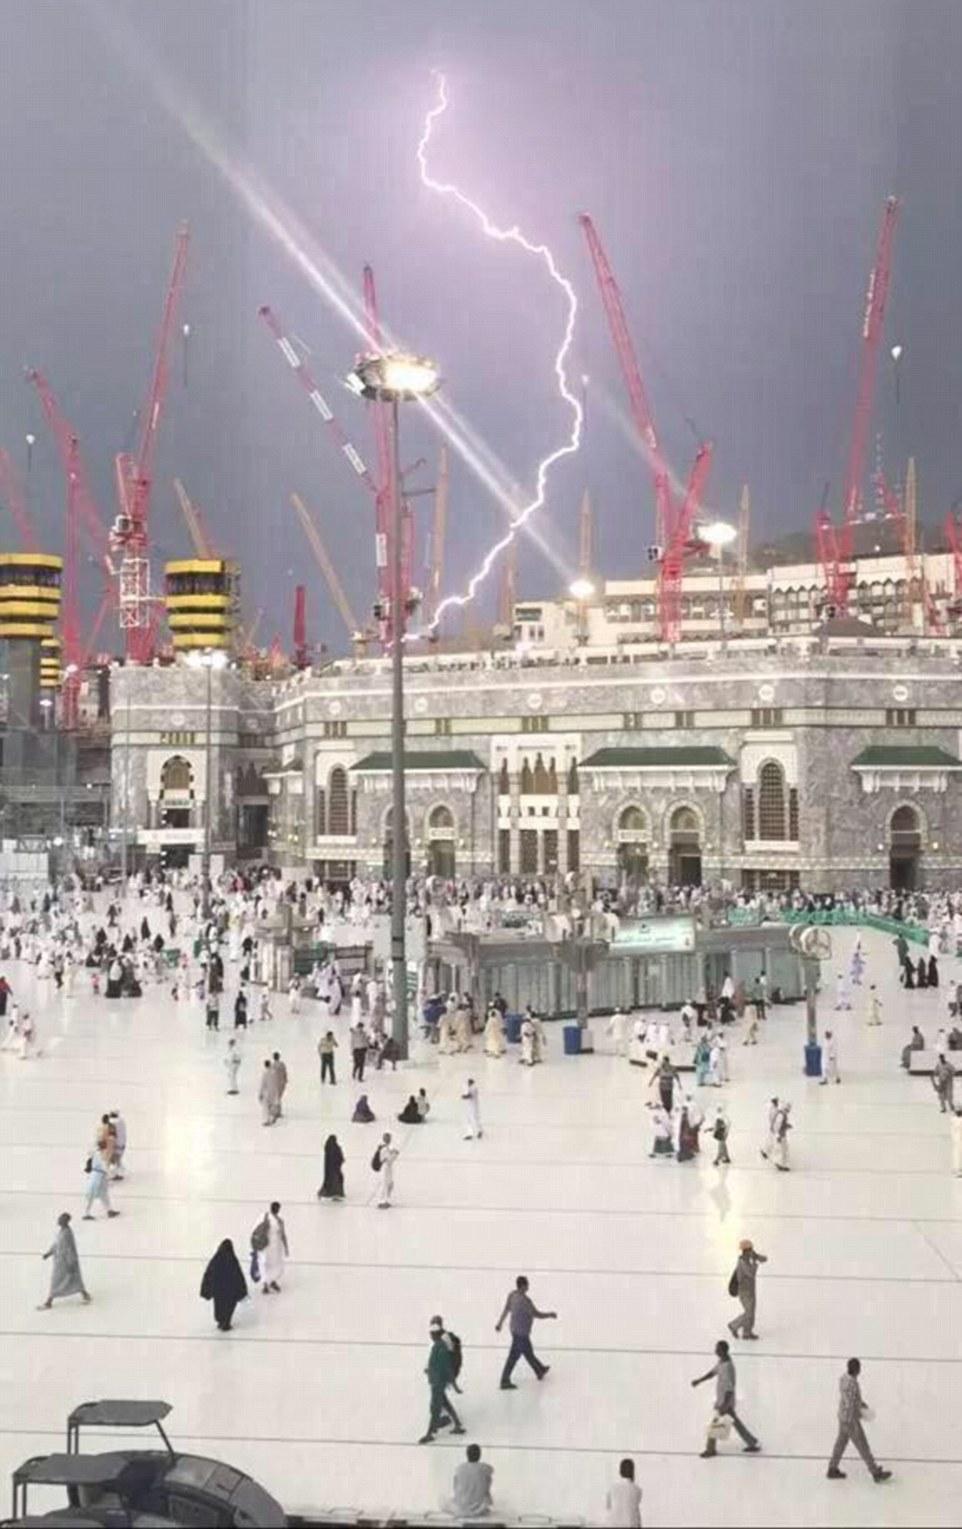 Tormentas: Una imagen capta el momento en que la grúa fatal fue alcanzado por un rayo antes de colapsar en la mezquita, matando a decenas